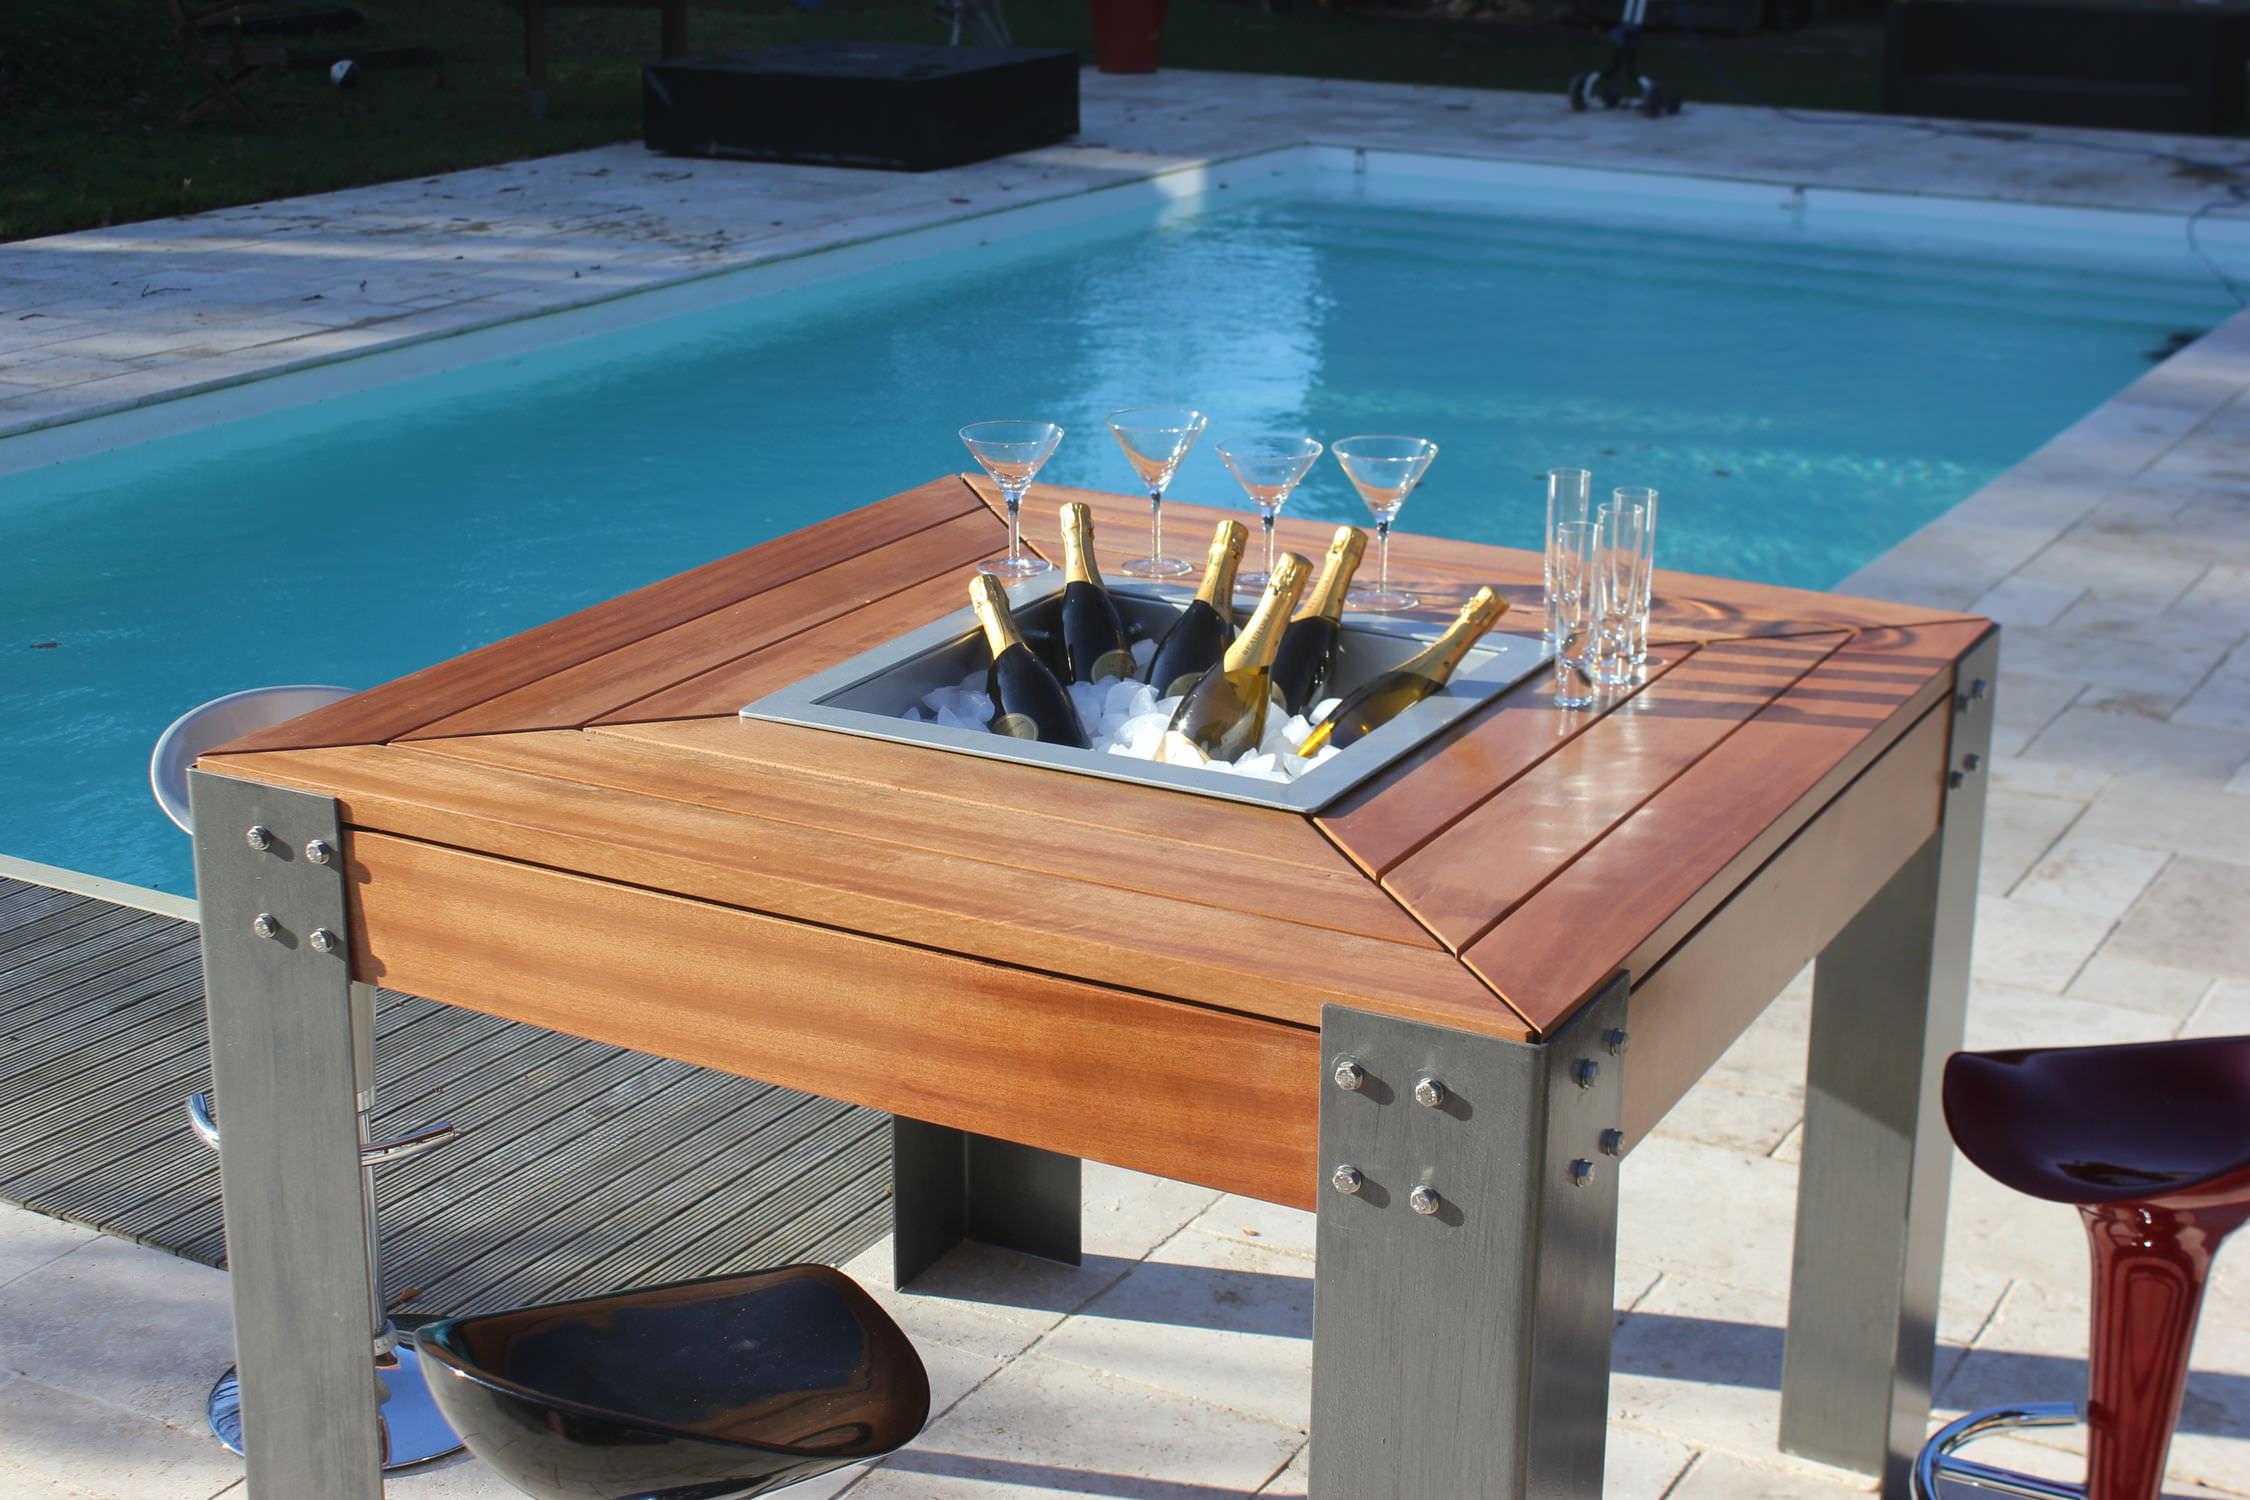 Table Basse Barbecue Et Seau A Glace Avec Mosaique Carrelage En